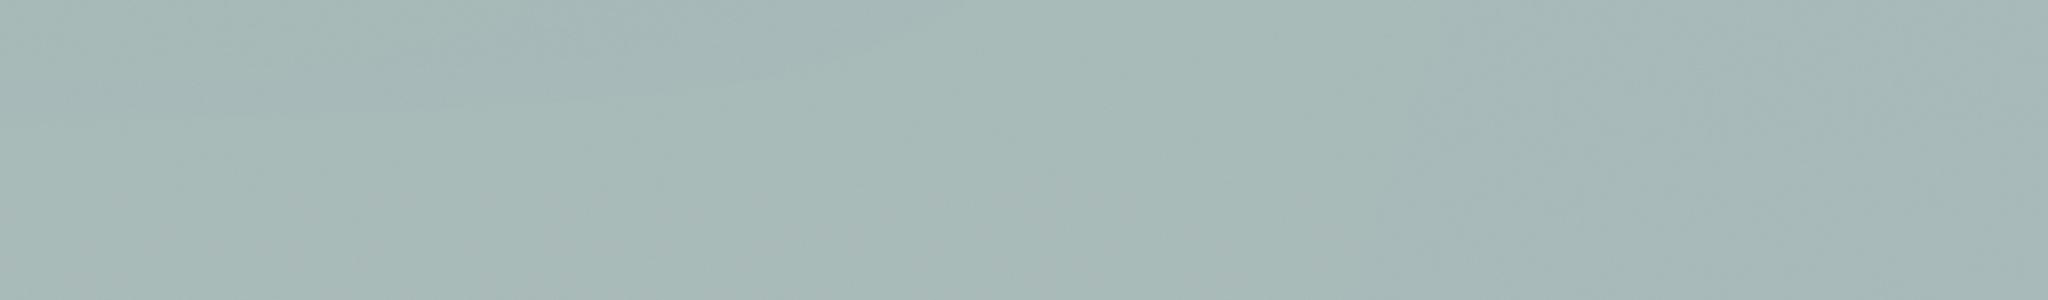 HU 16636 кромка ABS зеленая гладкая 100 глянец 10°